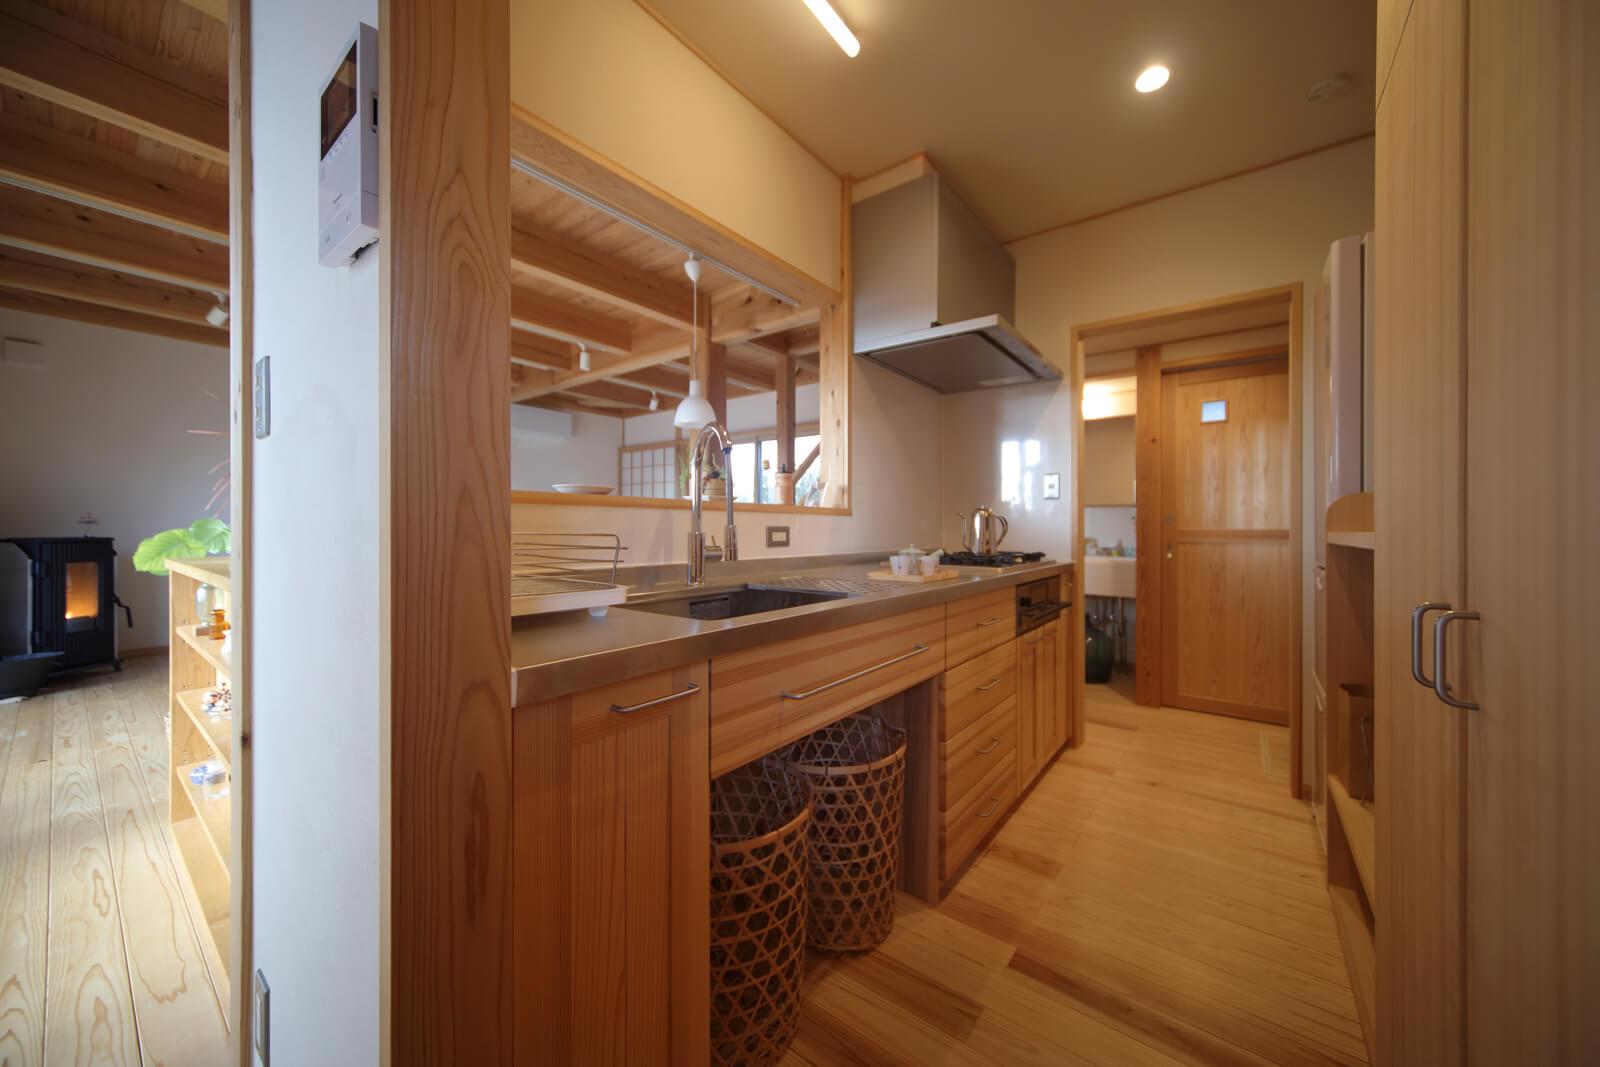 室内に合わせた木製のオーダーキッチン。システムキッチンにはない温もりや風合い、上質感が魅力